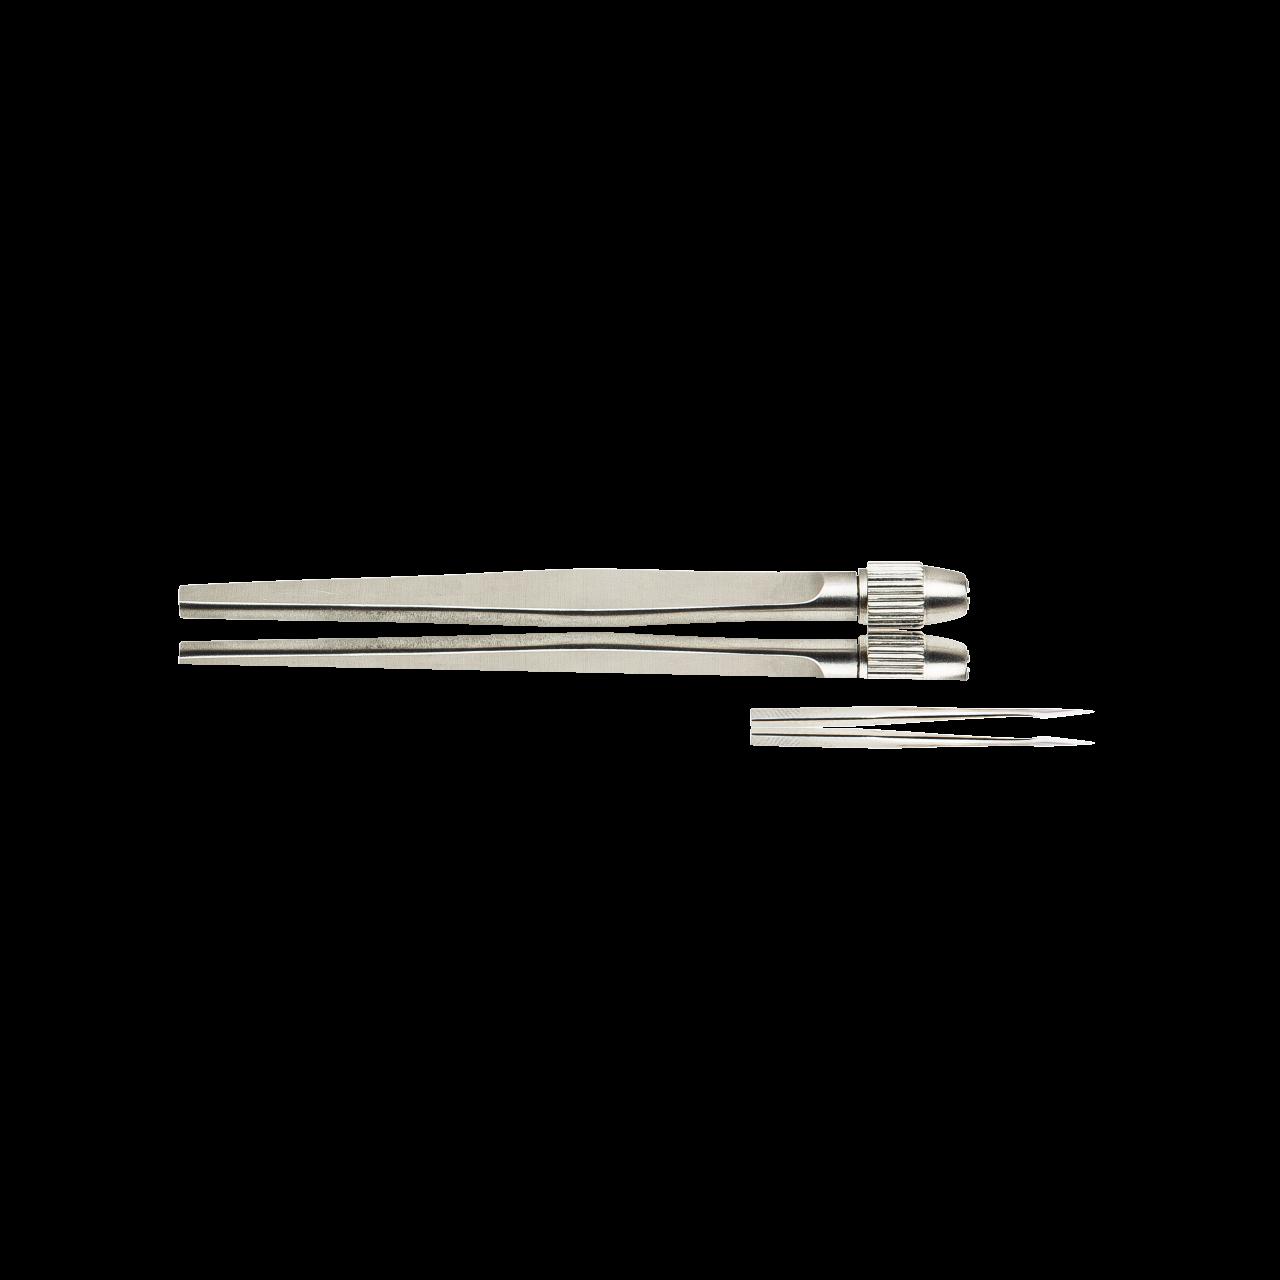 Milienmesser komplett, Messer + Halter 12,5cm, rostfrei